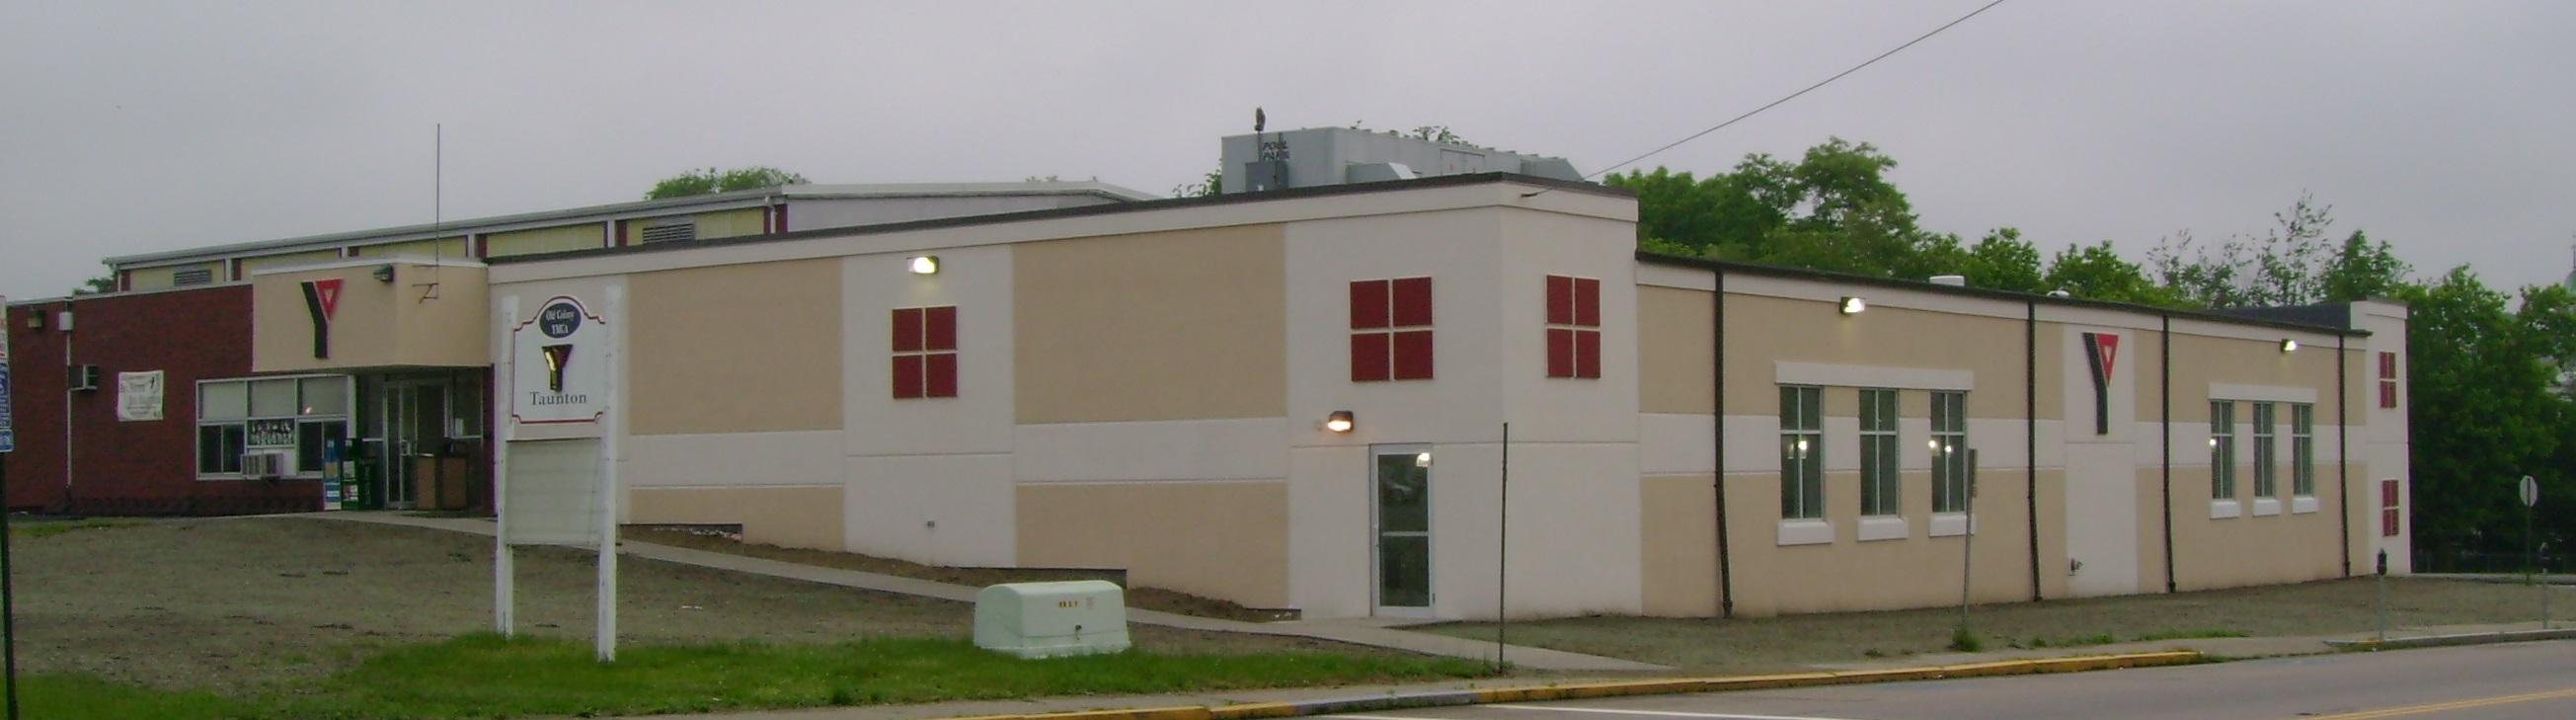 Taunton YMCA editA